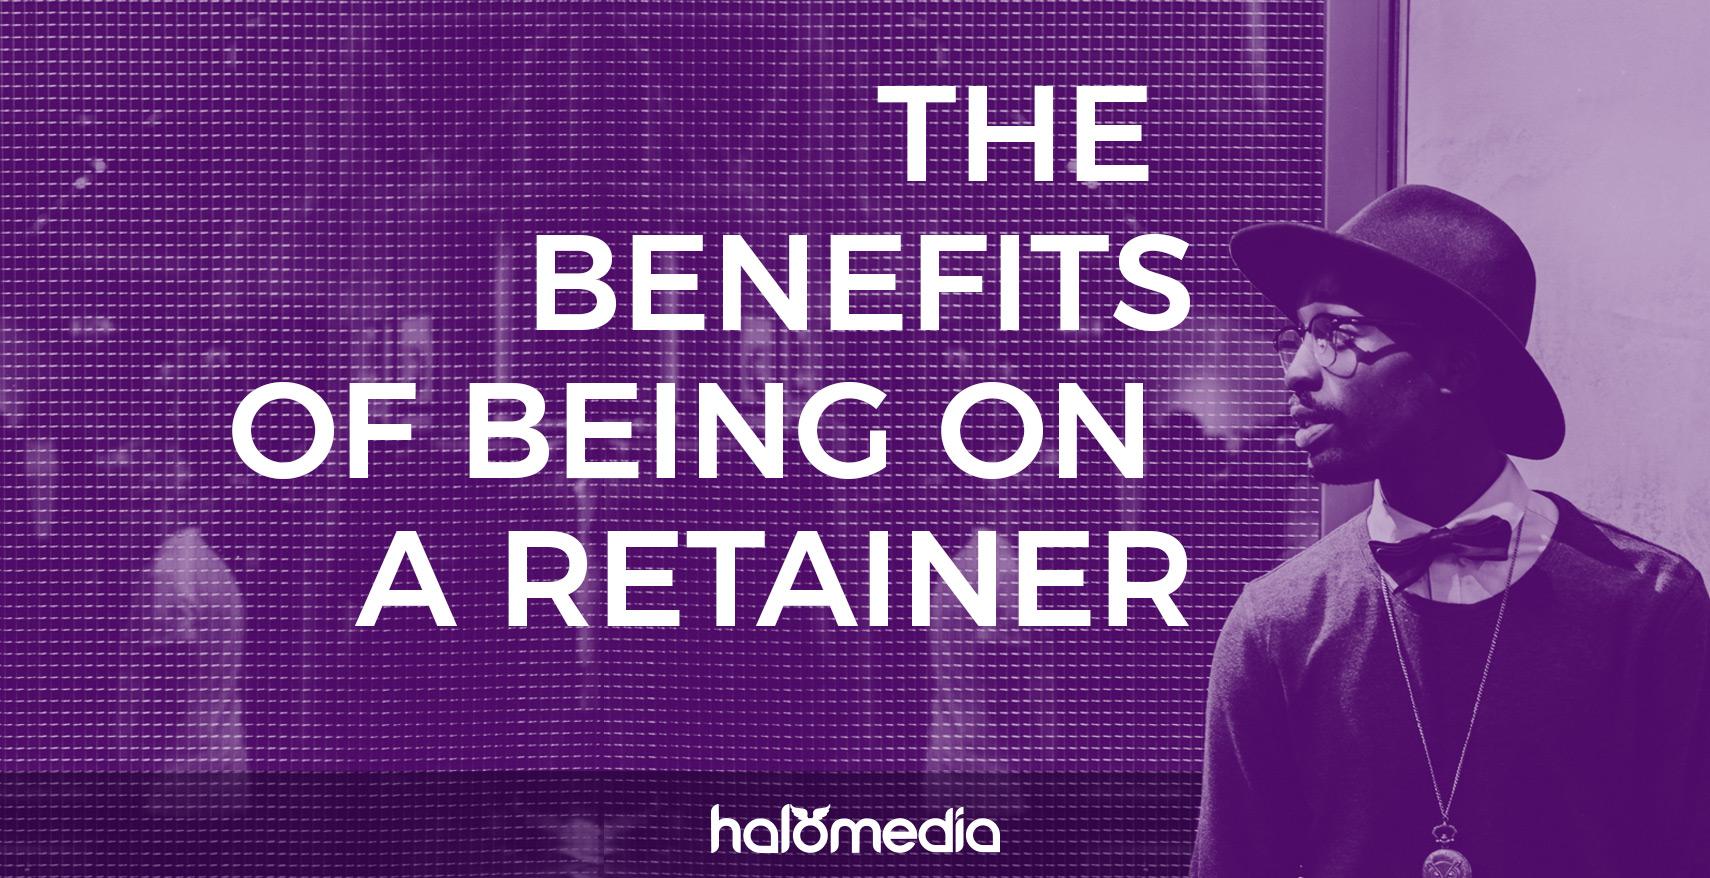 benefit-retainer-design-advertising